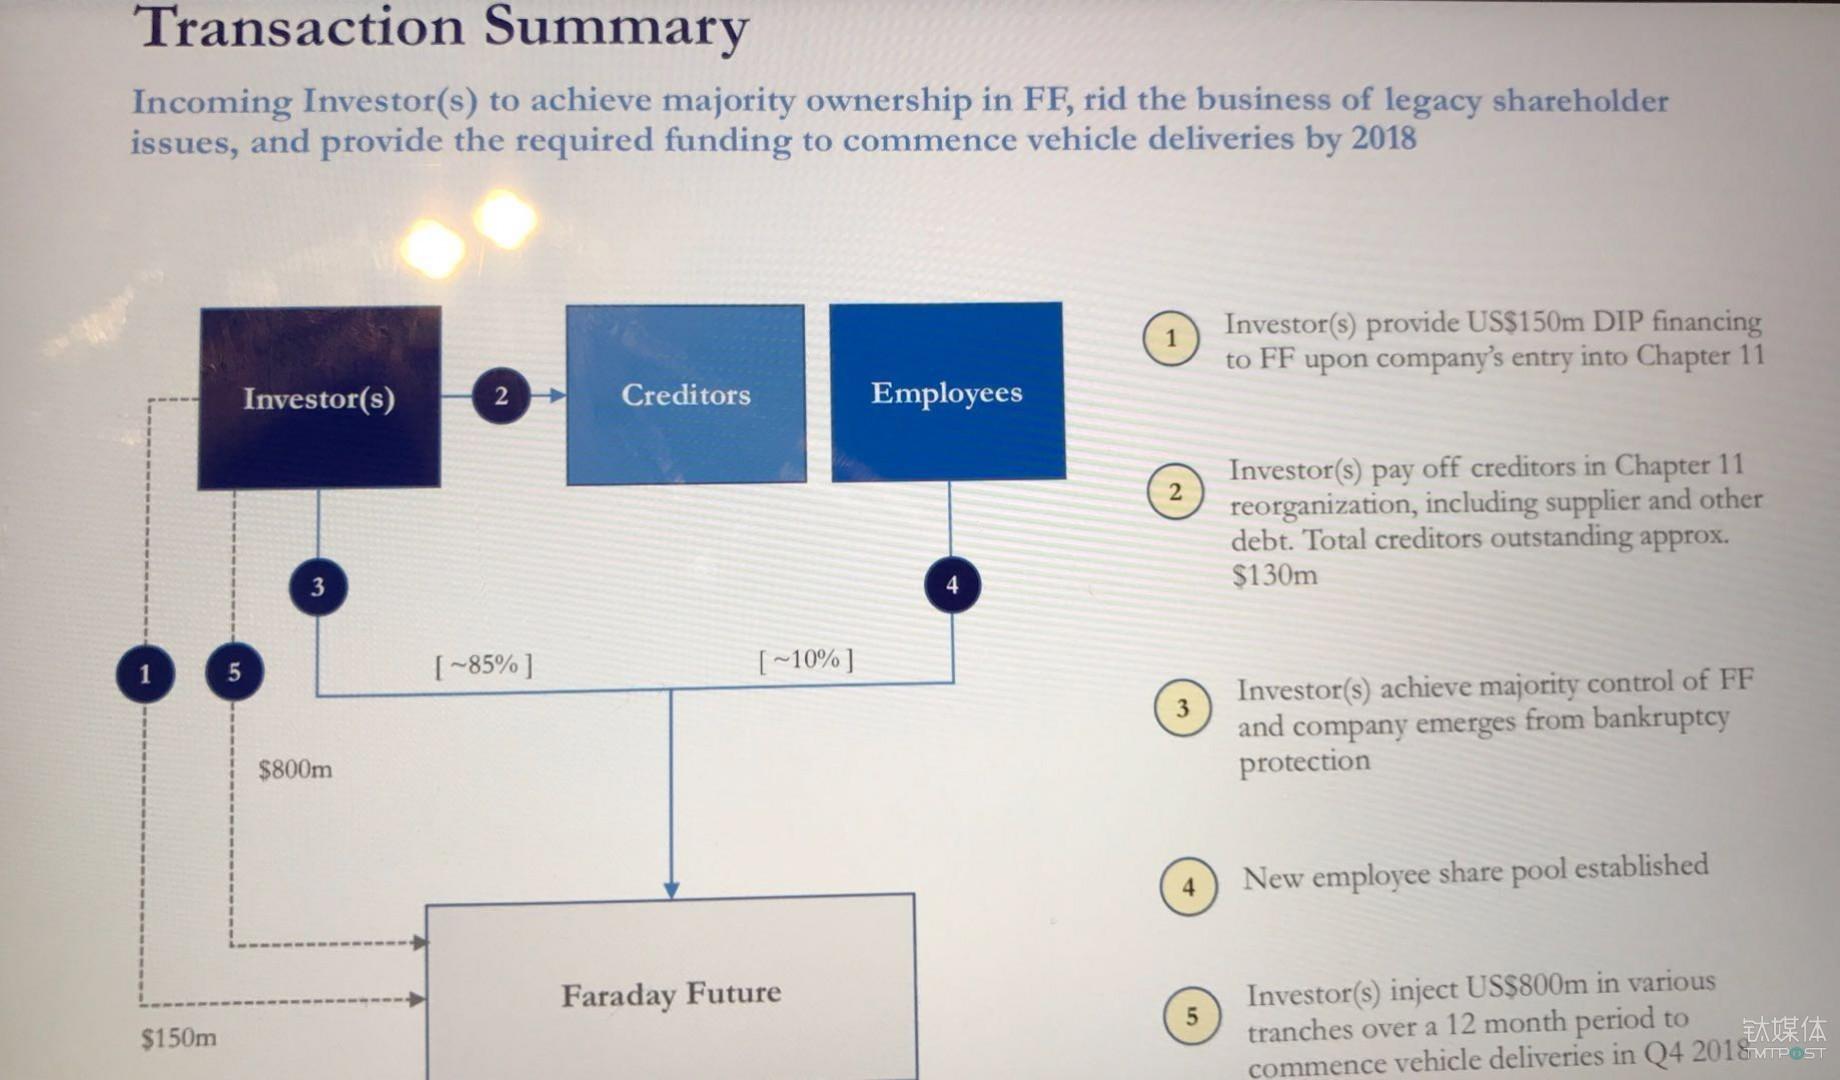 FF融资计划书,介绍最终股权比例,贾跃亭套现离场